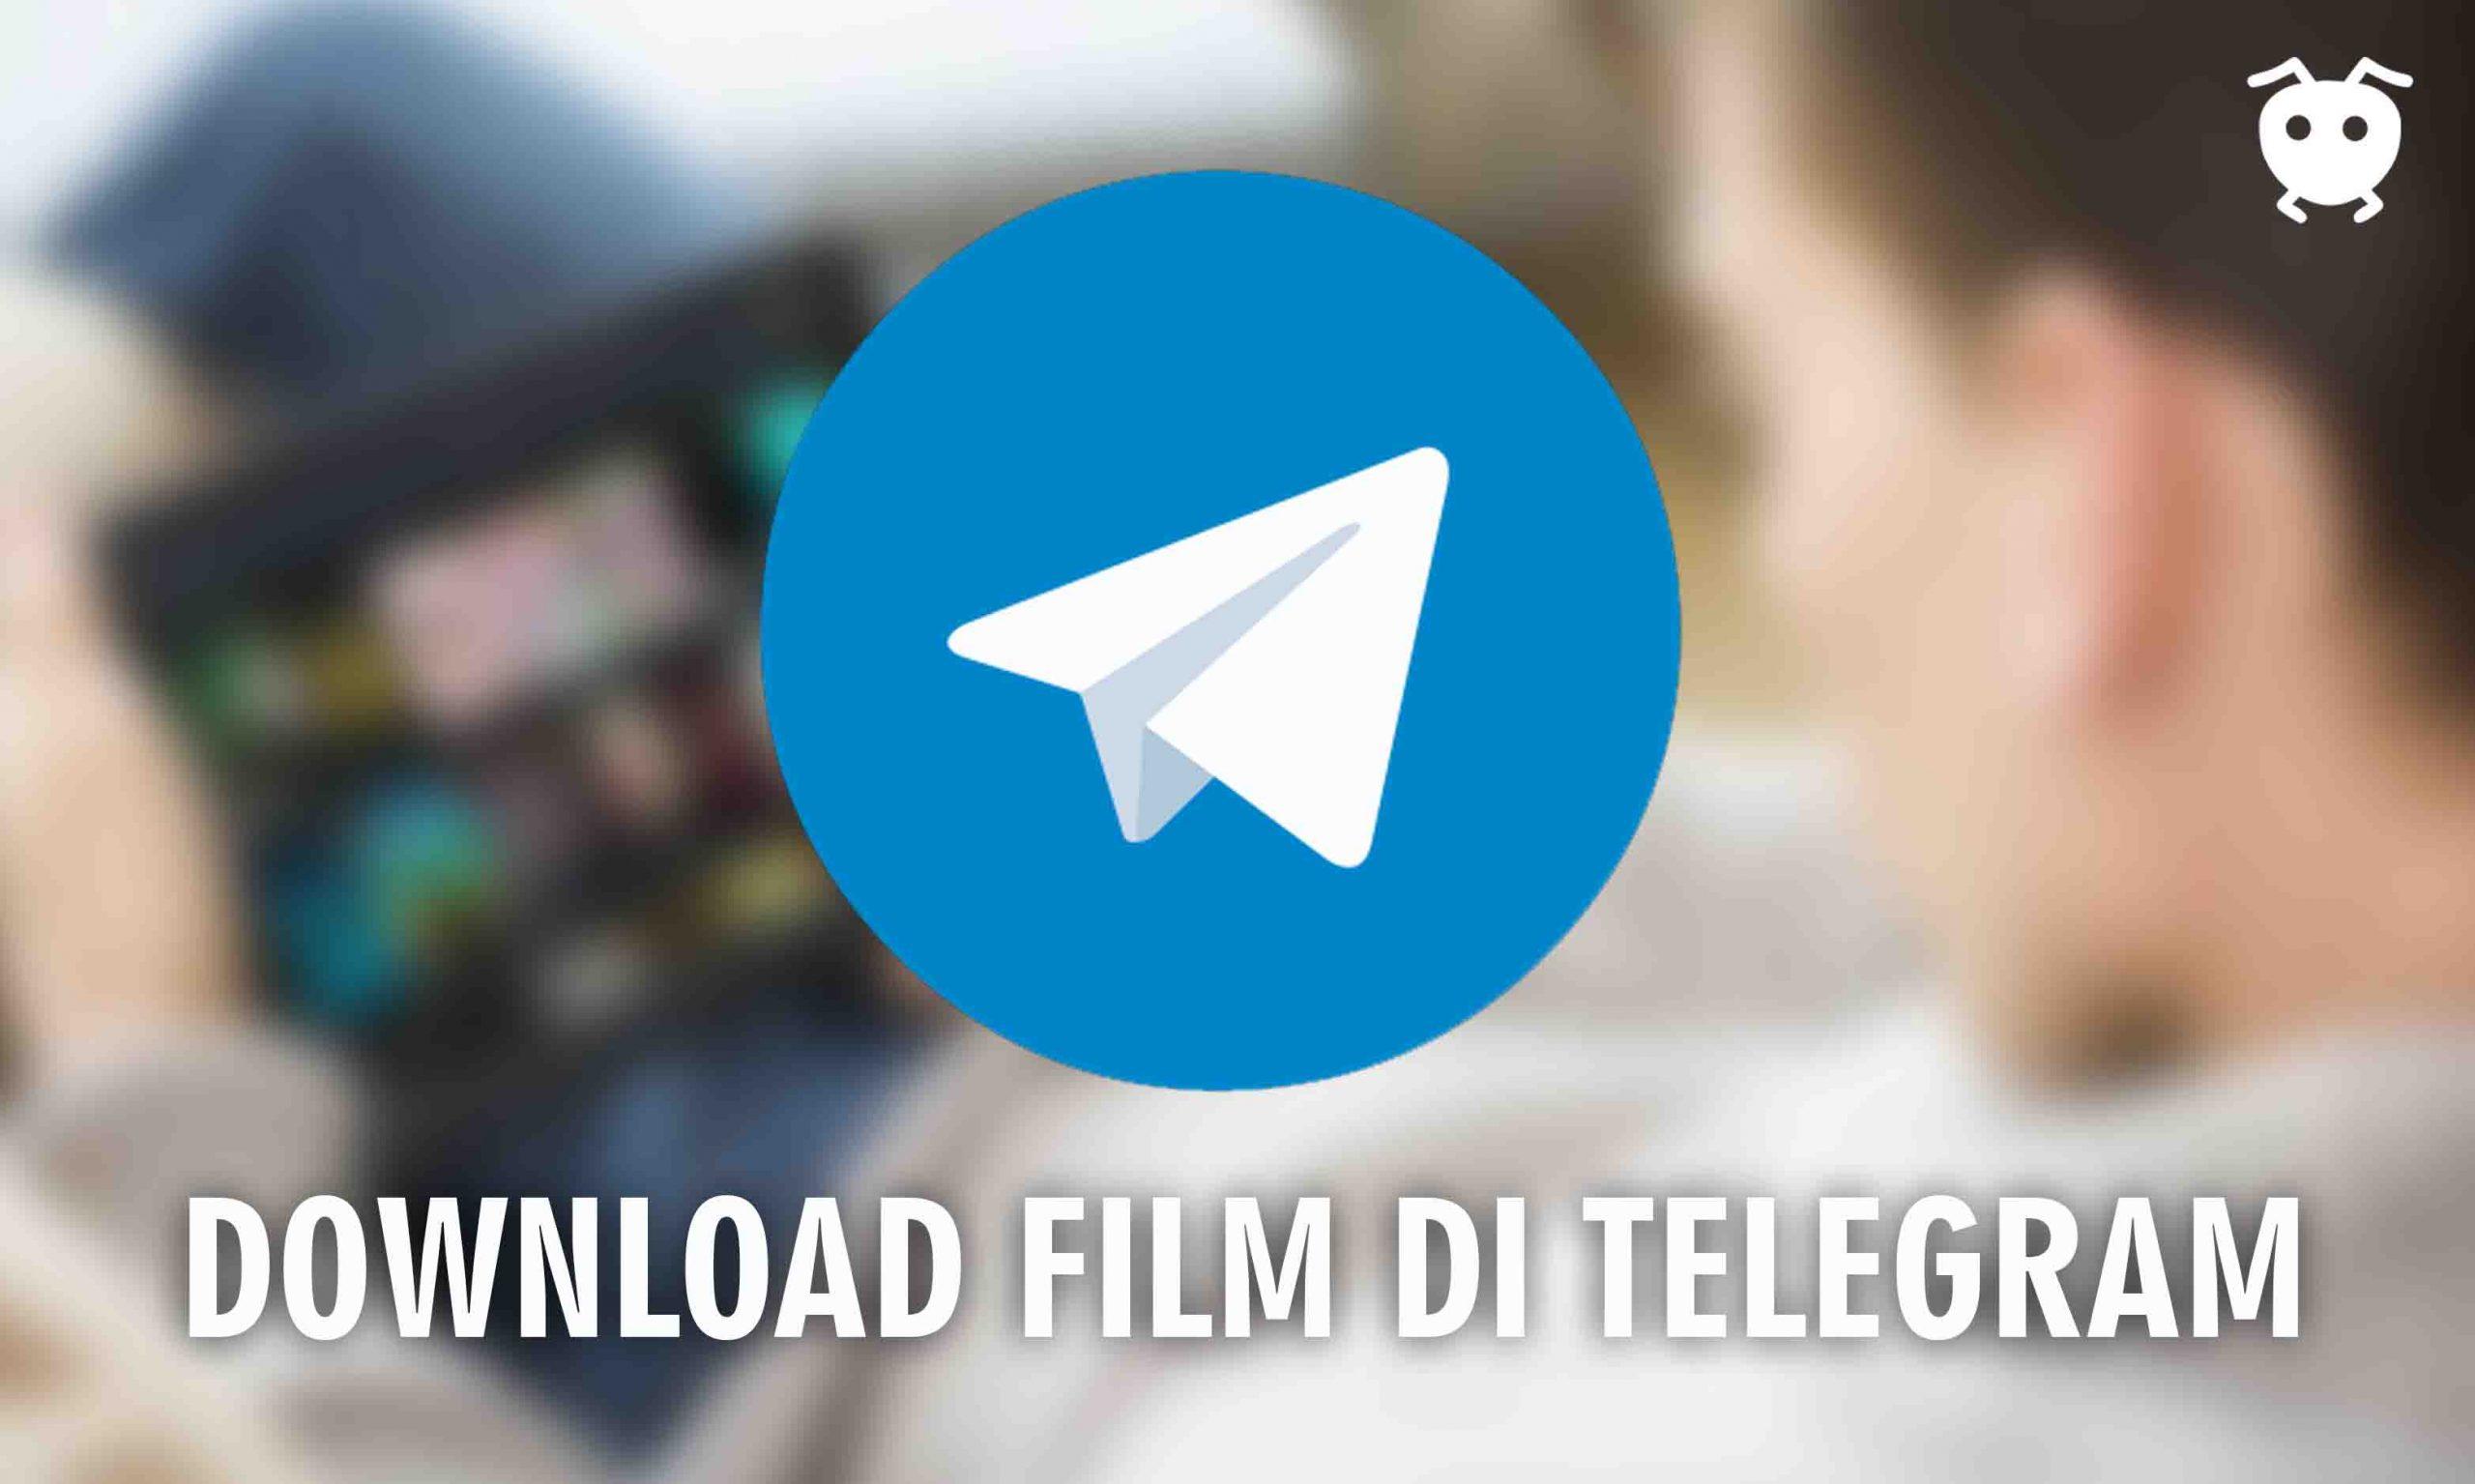 Download Film di Telegram